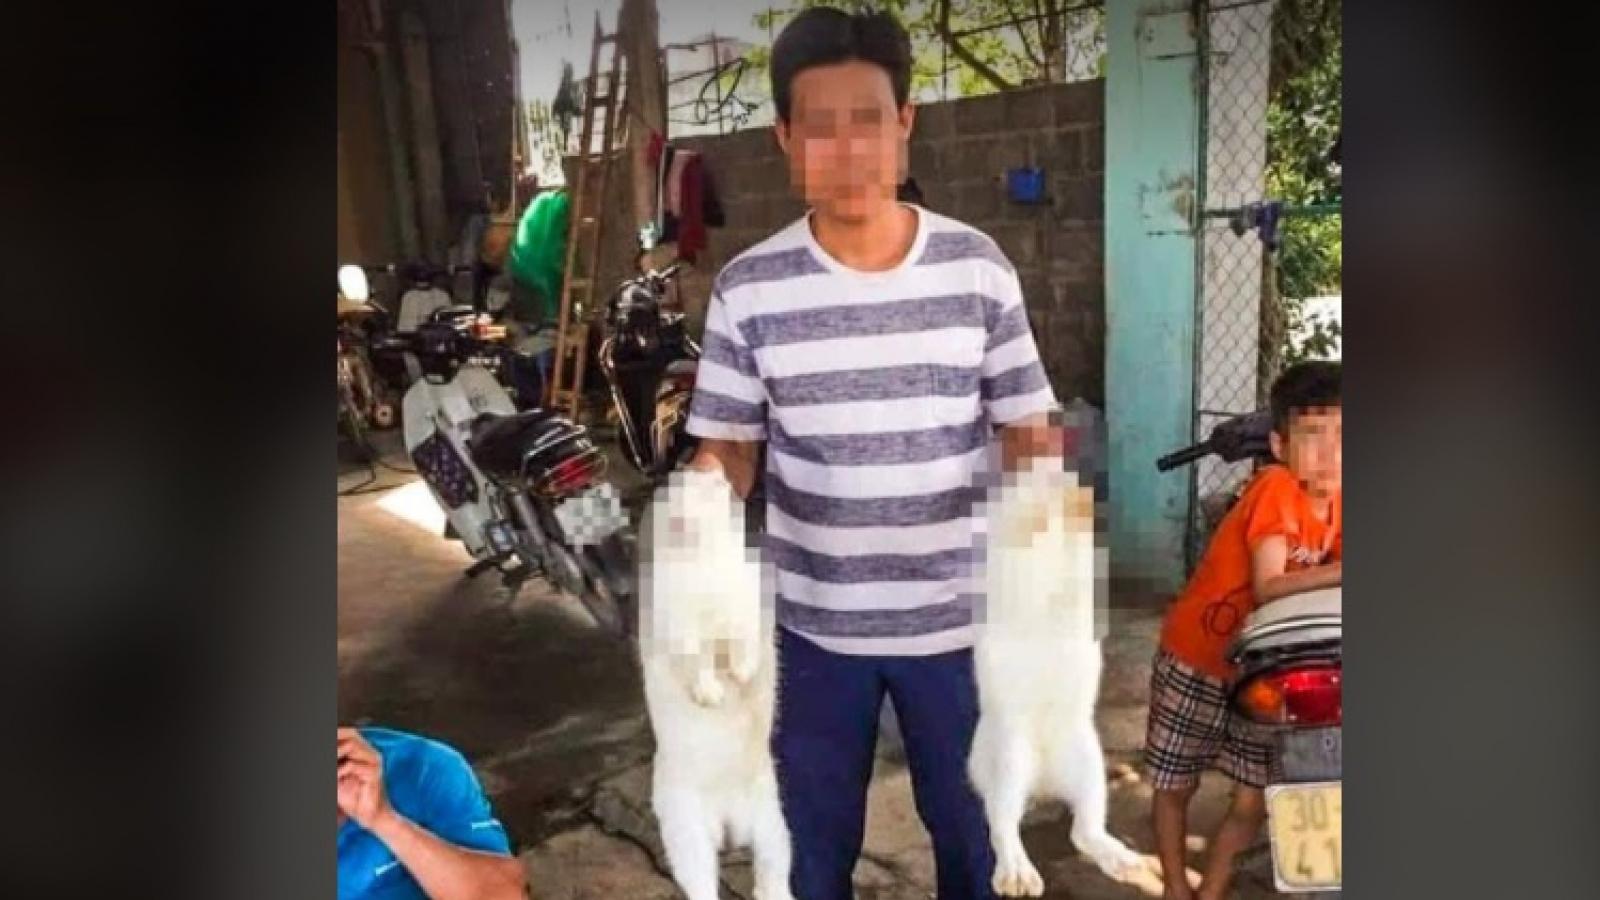 Điều tra vụ thi thể người đàn ông trong bao tải tại Ứng Hòa, Hà Nội